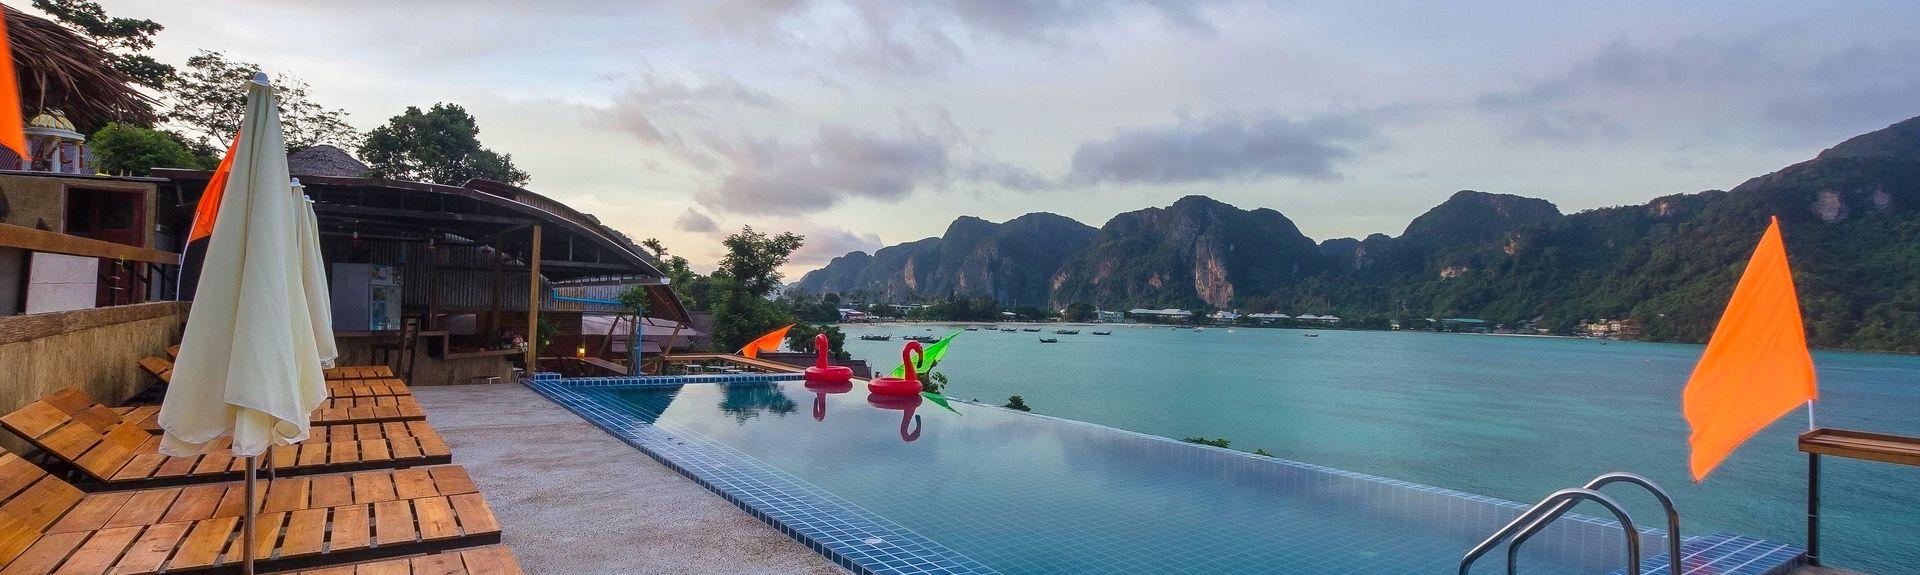 Miradouro de Ko Phi Phi, Baixa de Krabi, Tailândia